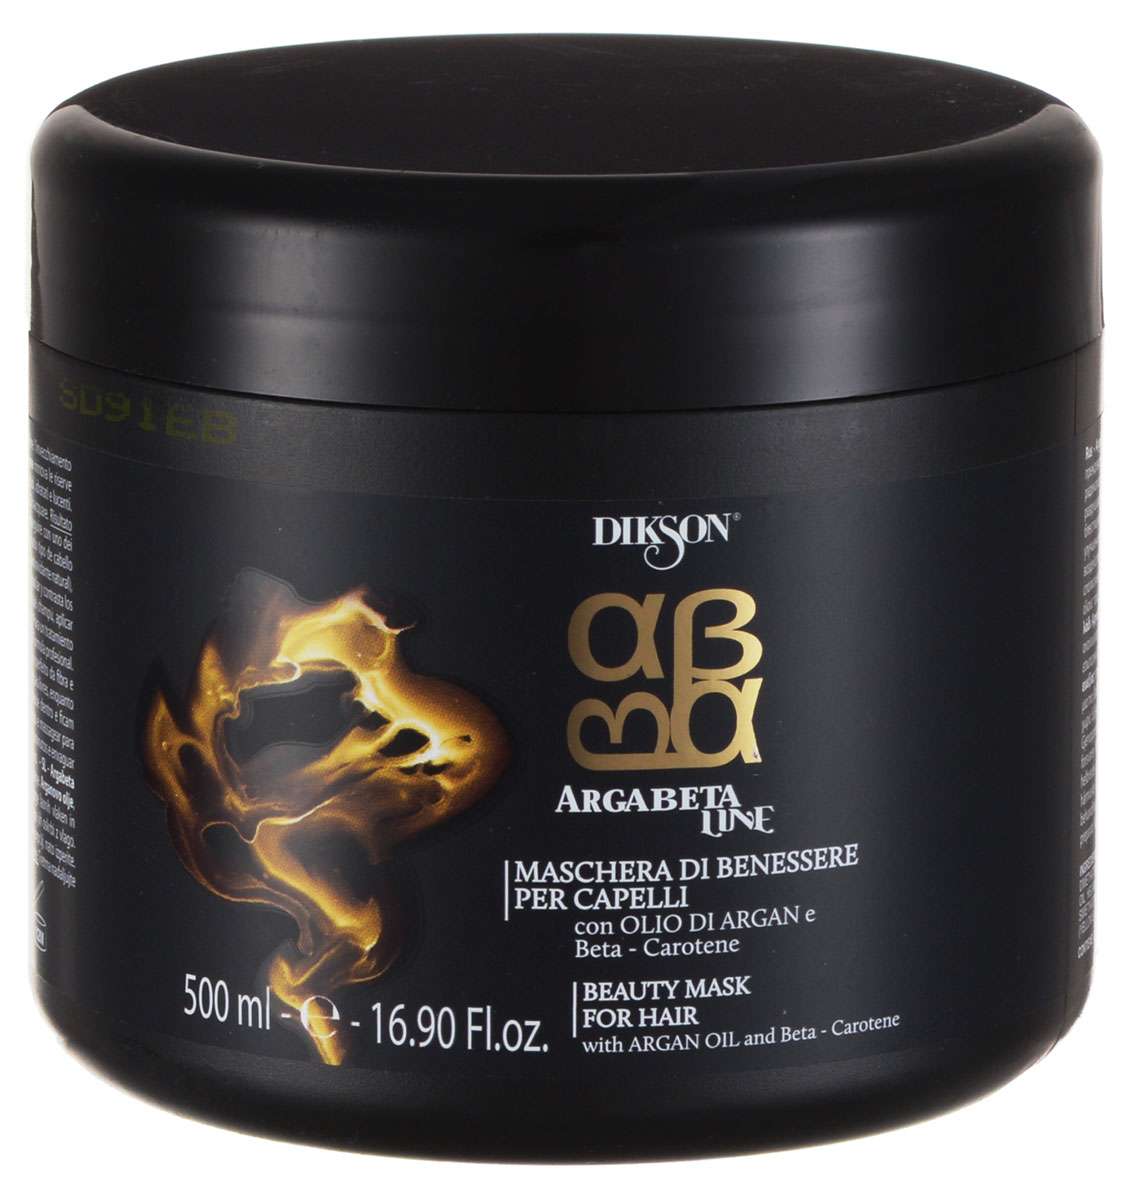 Dikson ArgaBeta Интенсивно восстанавливающая и питательная маска с маслом Арганы и Бета-каротином Beauty Mask 500 млFS-00897Интенсивно восстанавливающая маска ArgaBeta Beauty Mask от Dikson подходит для всех типов волос, укрепляет и восстанавливает структуру волосяных волокон, не утяжеляя их, и обладает омолаживающим эффектом. Масло Арганы, содержащее витамин Е (натуральный антиоксидант) предохраняет волосы от действия свободных радикалов.Бета-каротин энергетически насыщает капиллярные волокна и препятствует разрушающему влиянию ультрафиолетового излучения.Аминокислоты морского происхождения увлажняют, защищают и укрепляют волосы, придавая им эластичность и объем.Содержание активных компонентов: Бета-каротин, масло Арганы, токоферол, арахисовое масло.